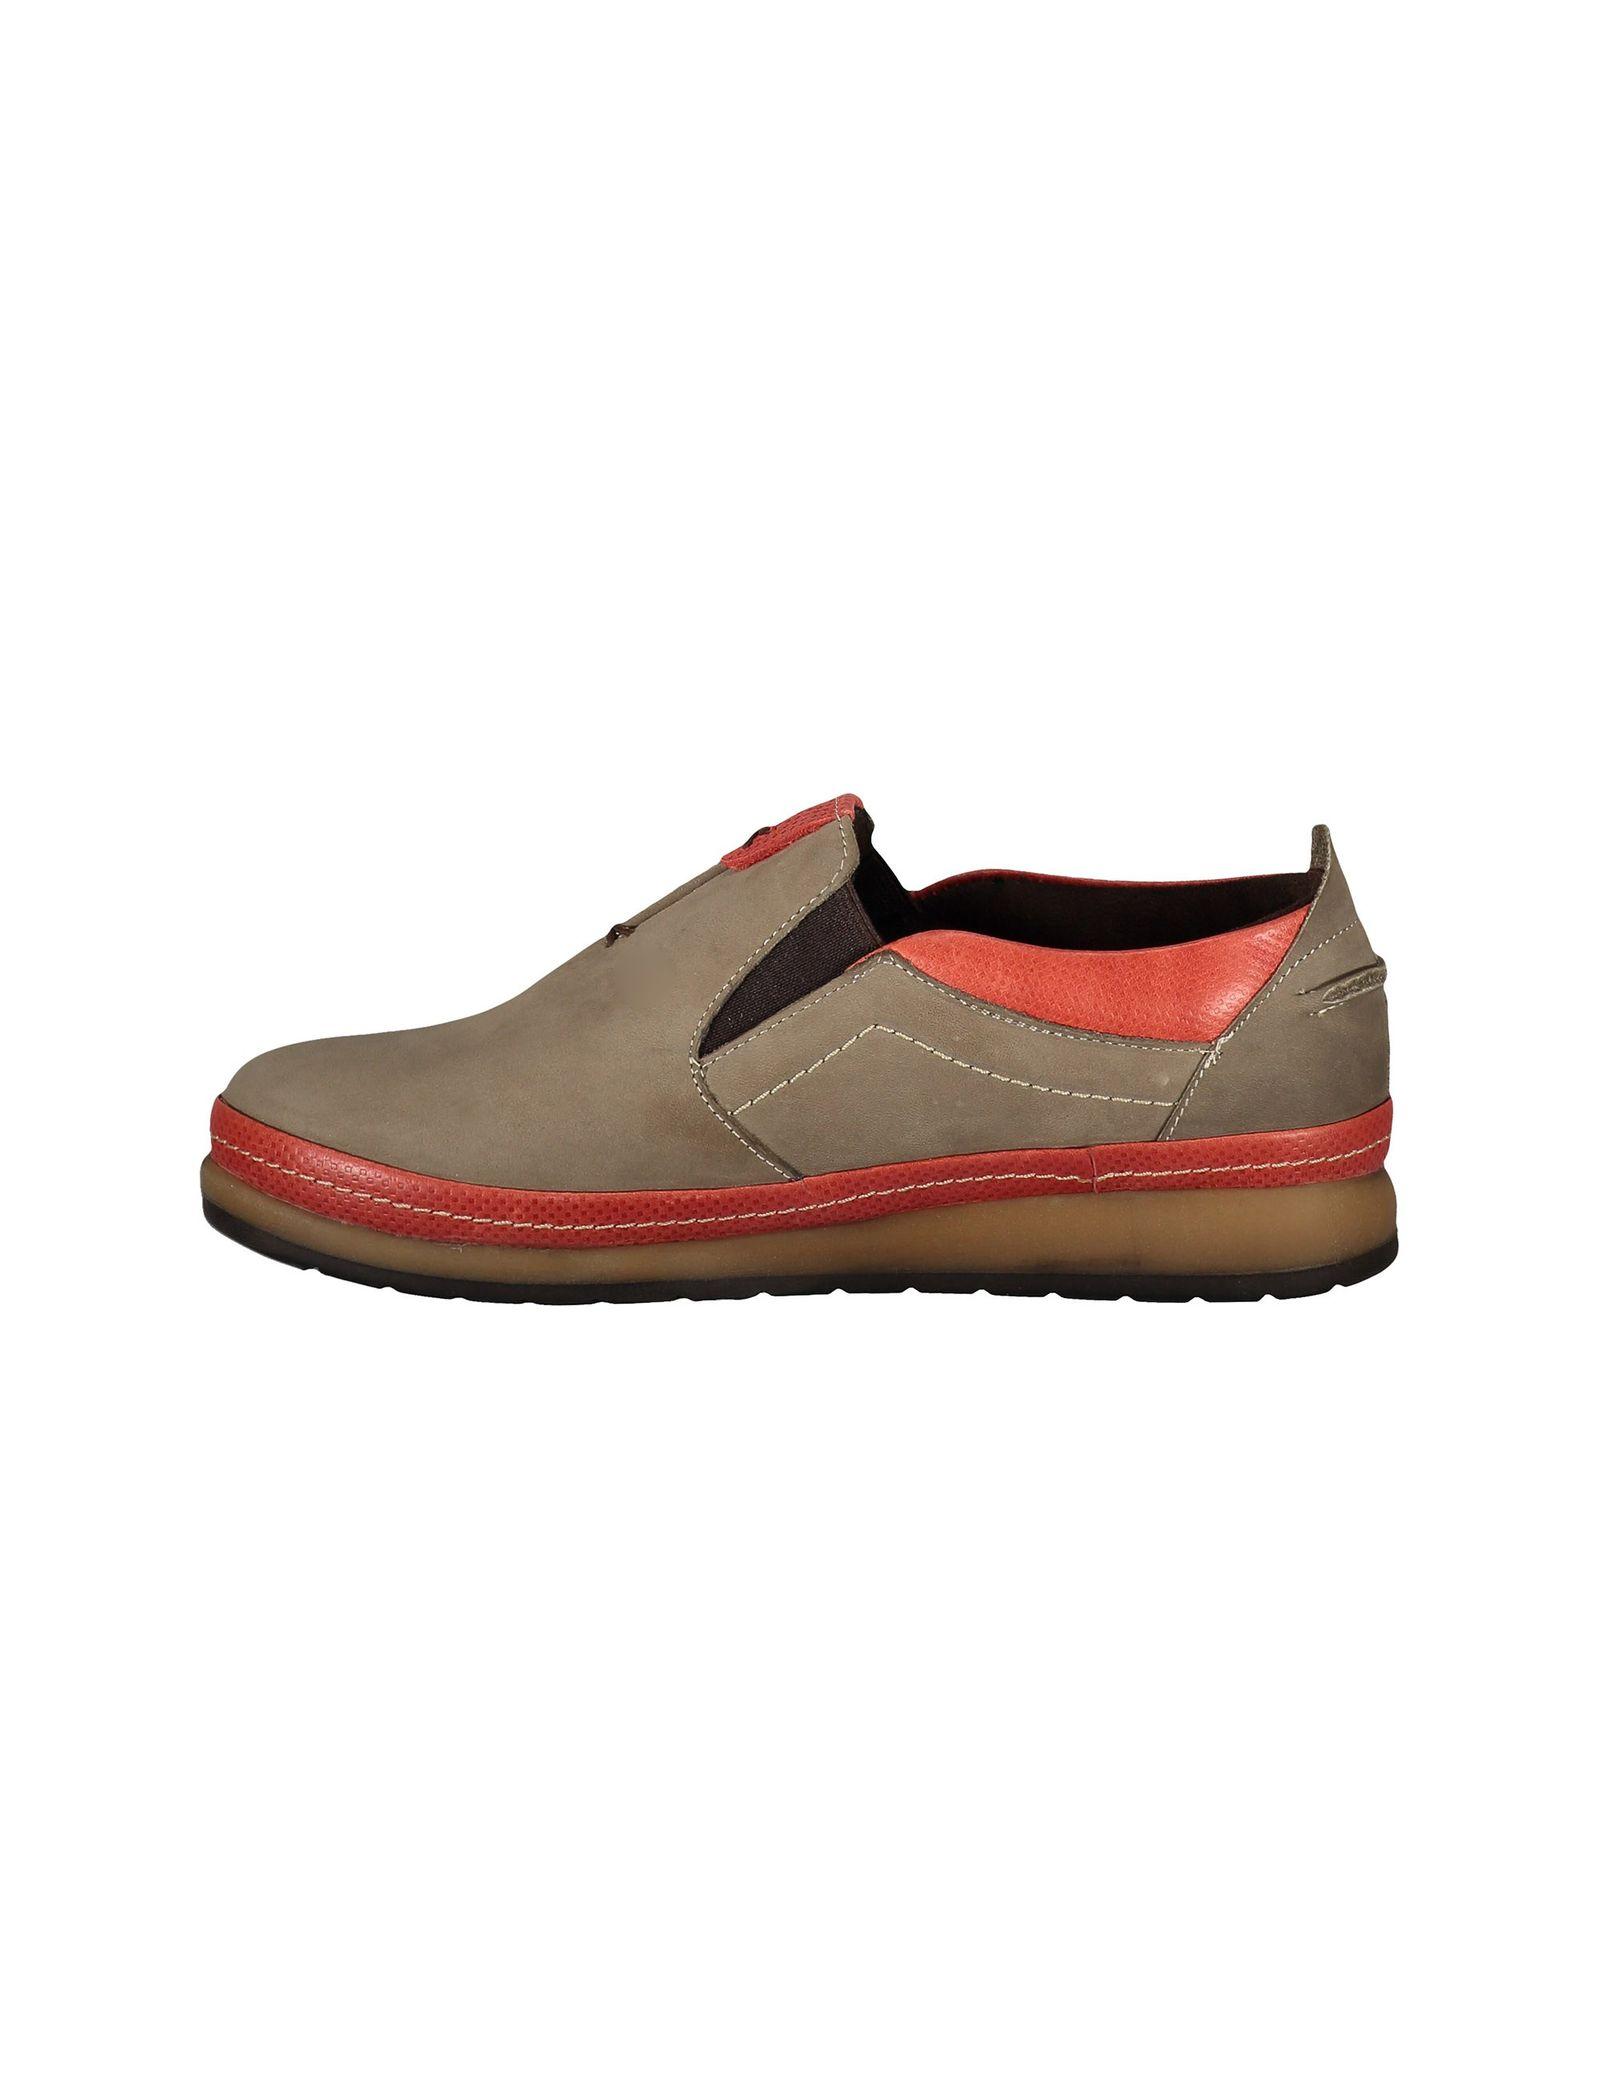 کفش تخت جیر زنانه - شهر چرم - خاکي و قرمز - 2